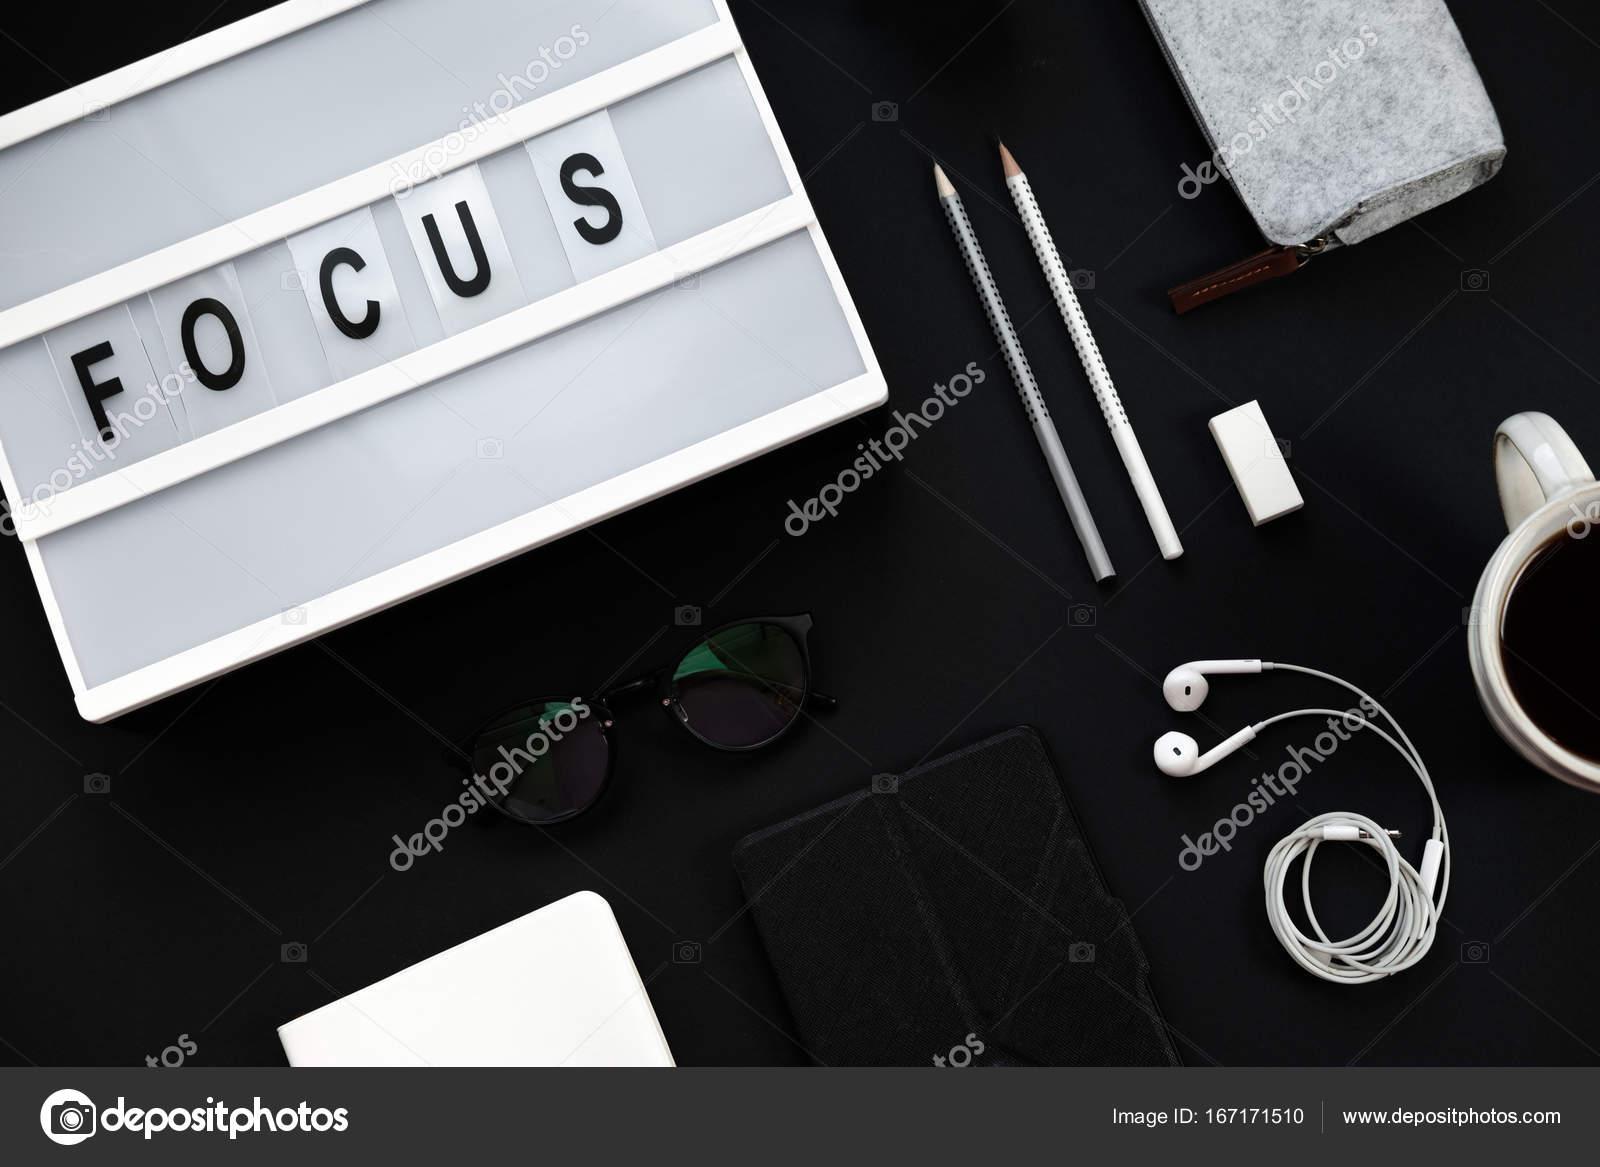 Ufficio Del Lavoro In Nero : Scrivania tavolo nero minimo dellufficio. area di lavoro con il